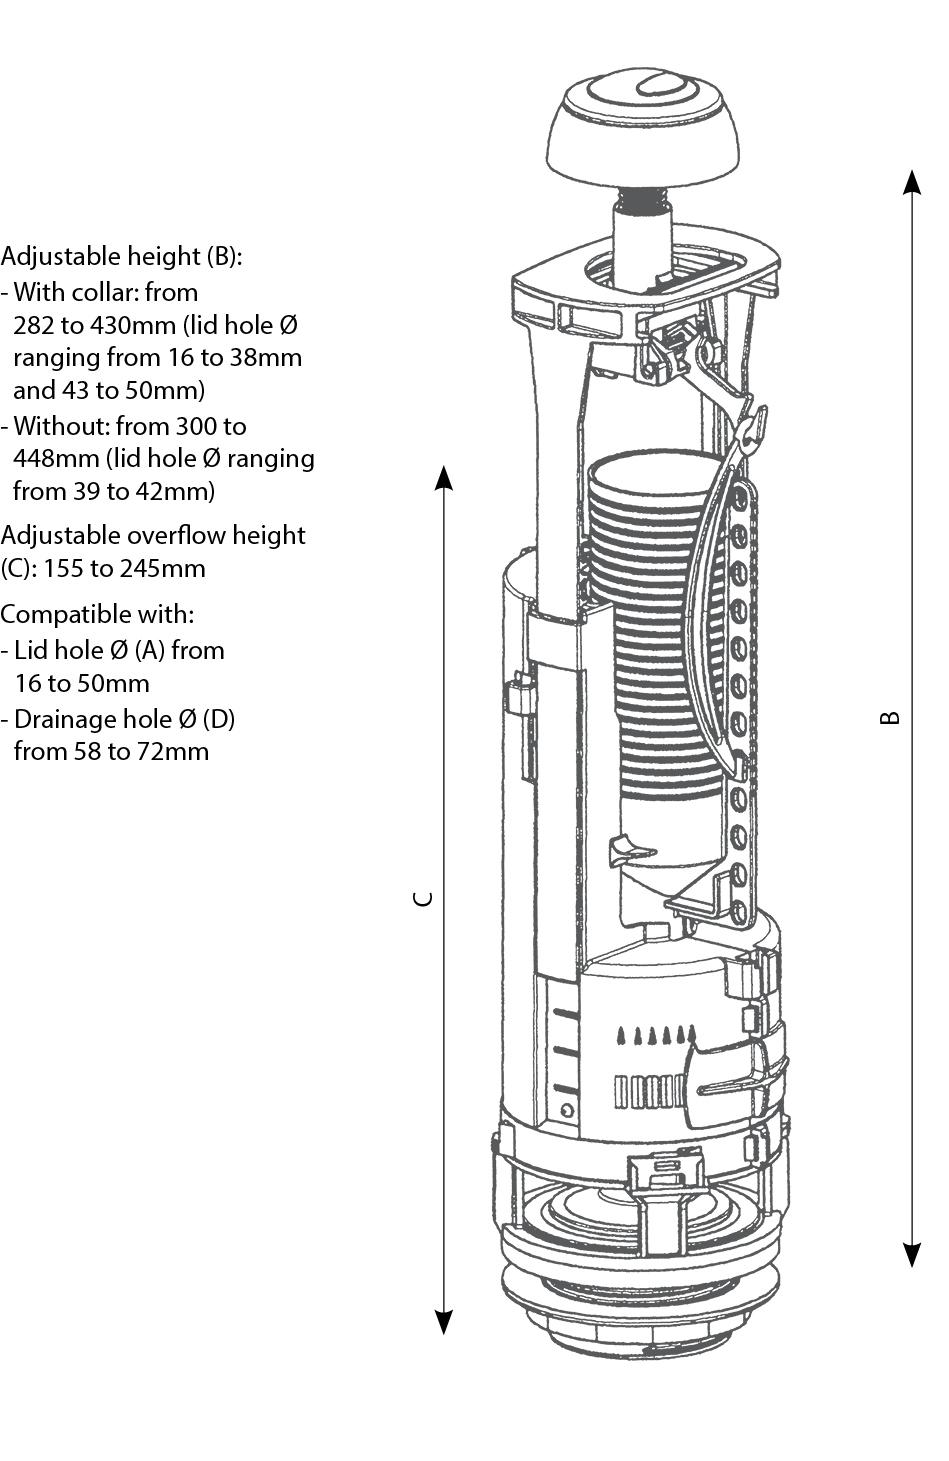 diagram of plastic